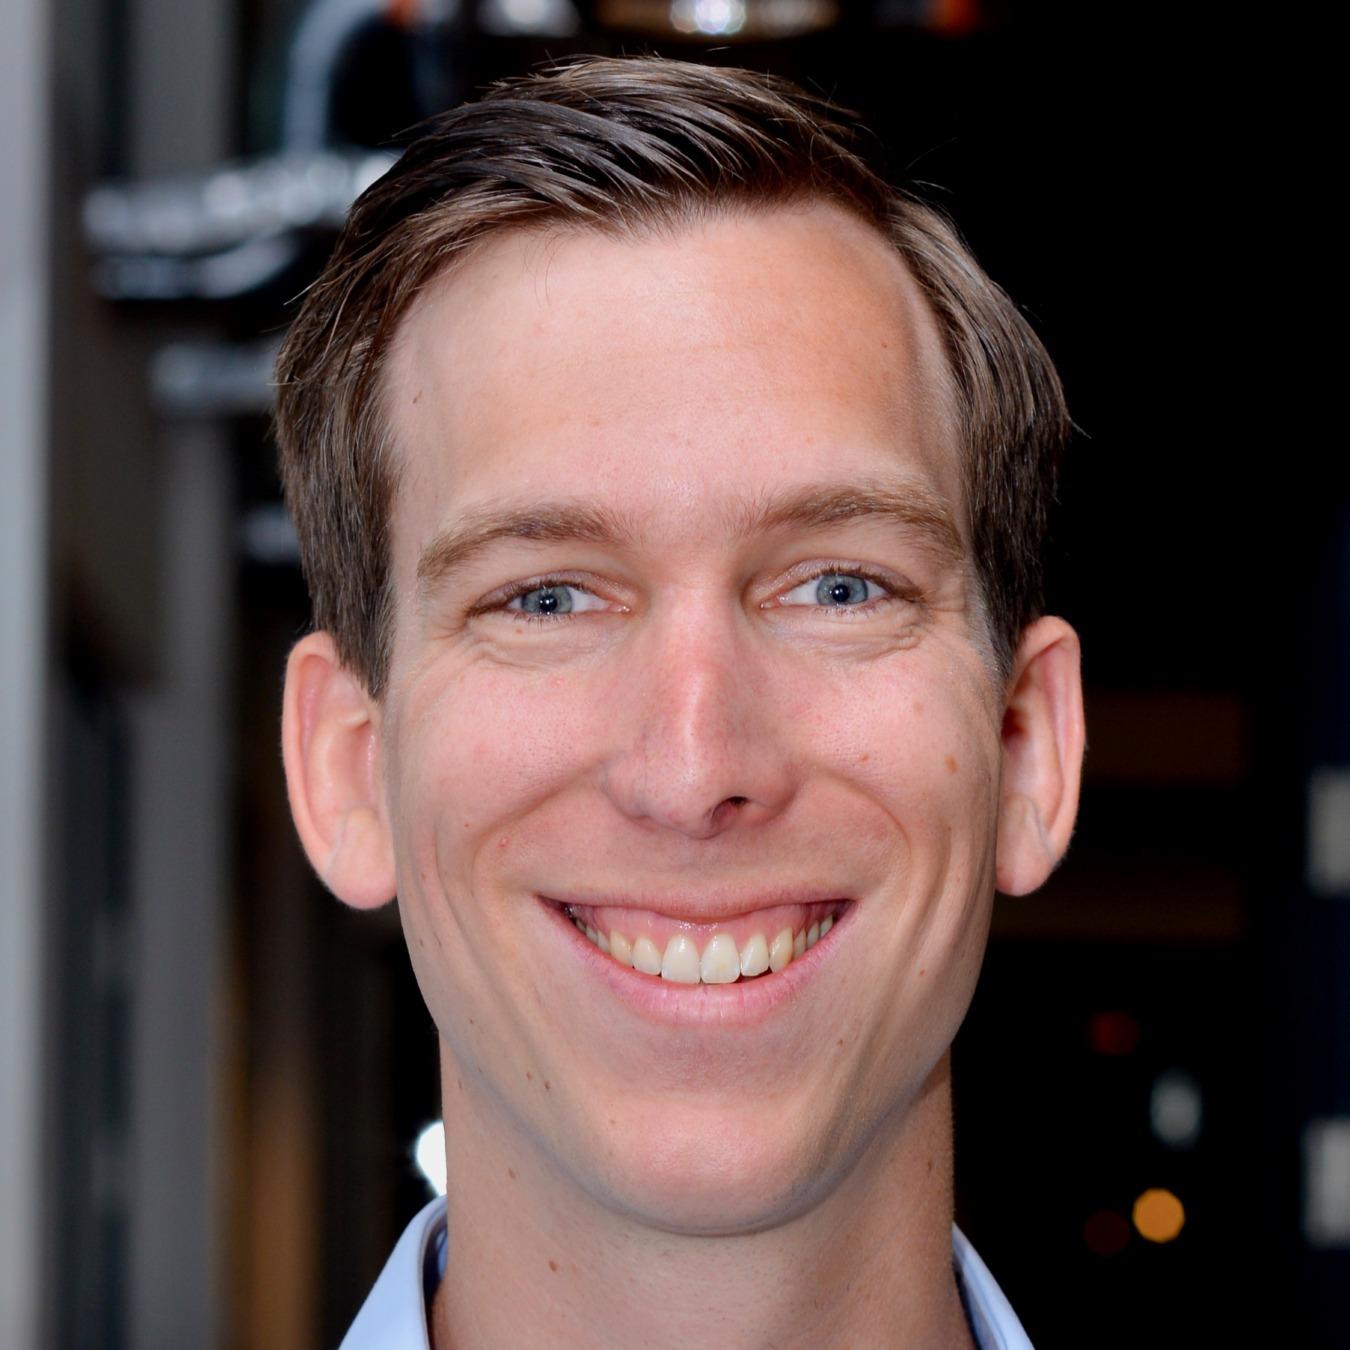 Bob van den Broeck, Technische Brabo